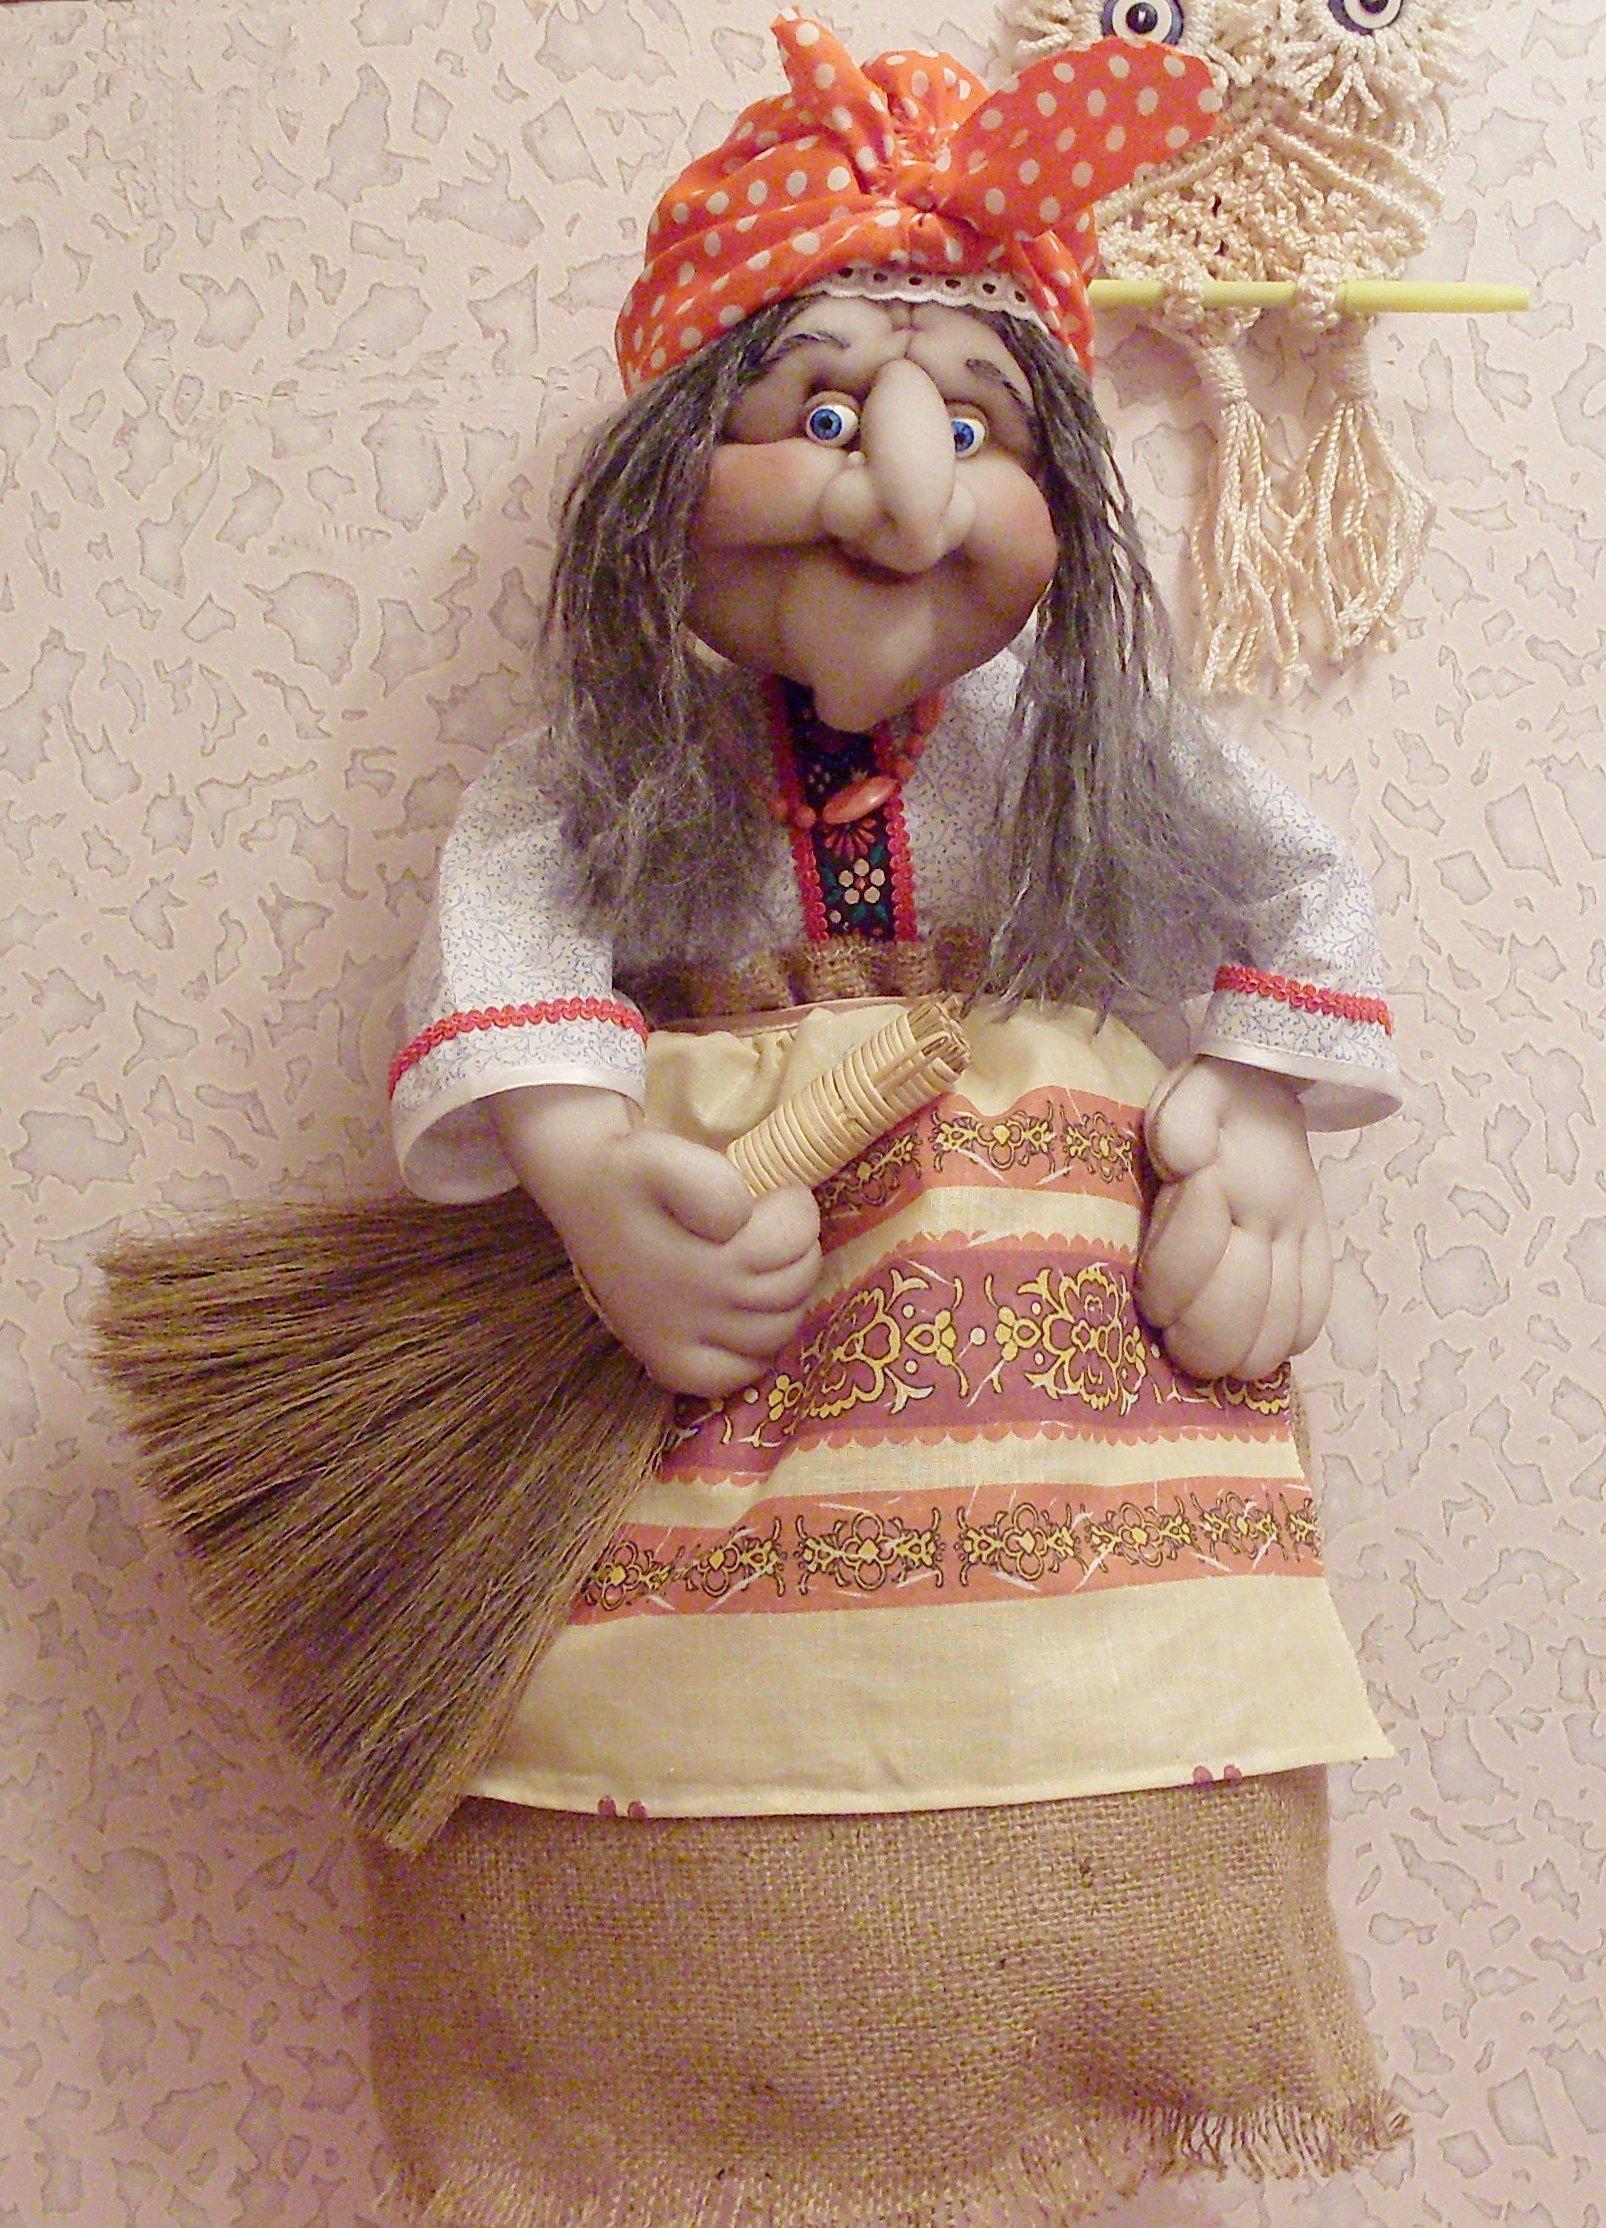 Оберег баба яга — значение для дома, славянский символ